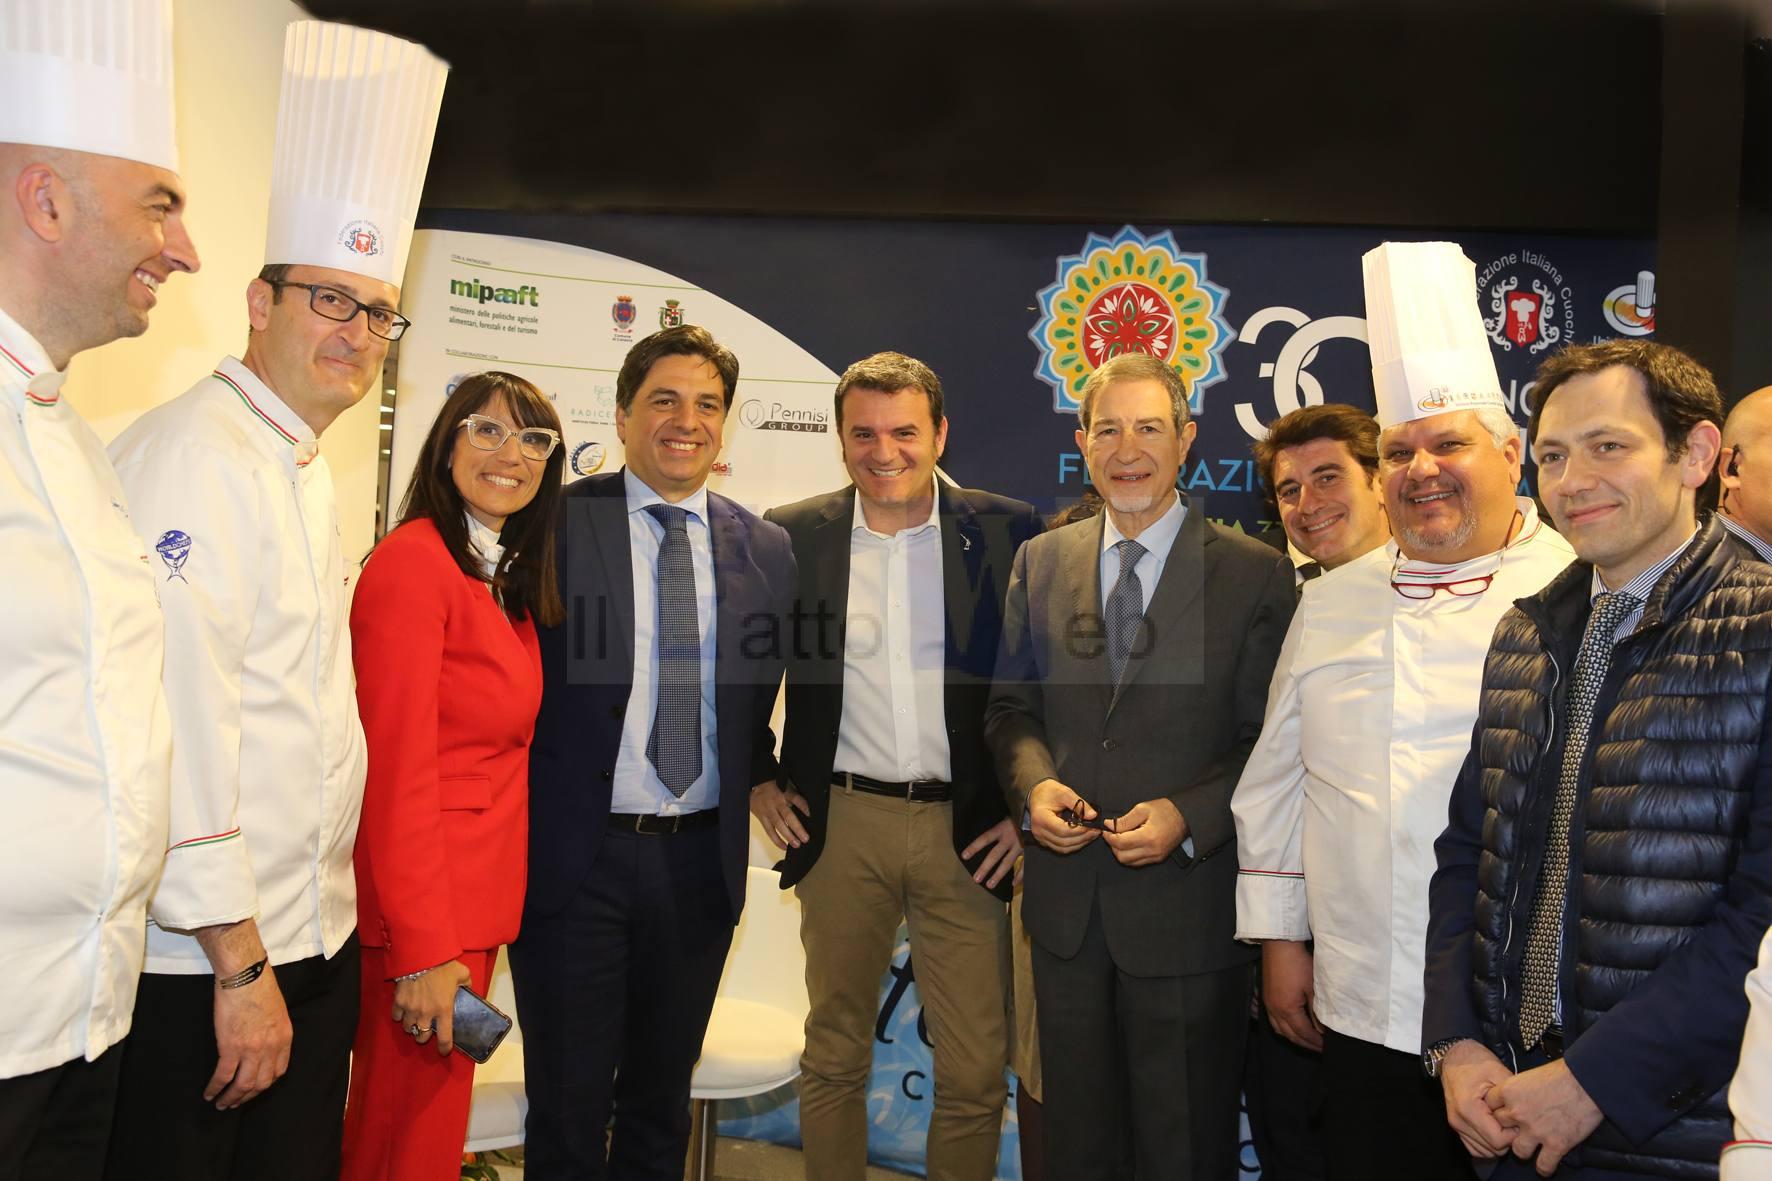 Giornata siciliana per il ministro Gian Marco Centinaio,ospite al Cooking Fest